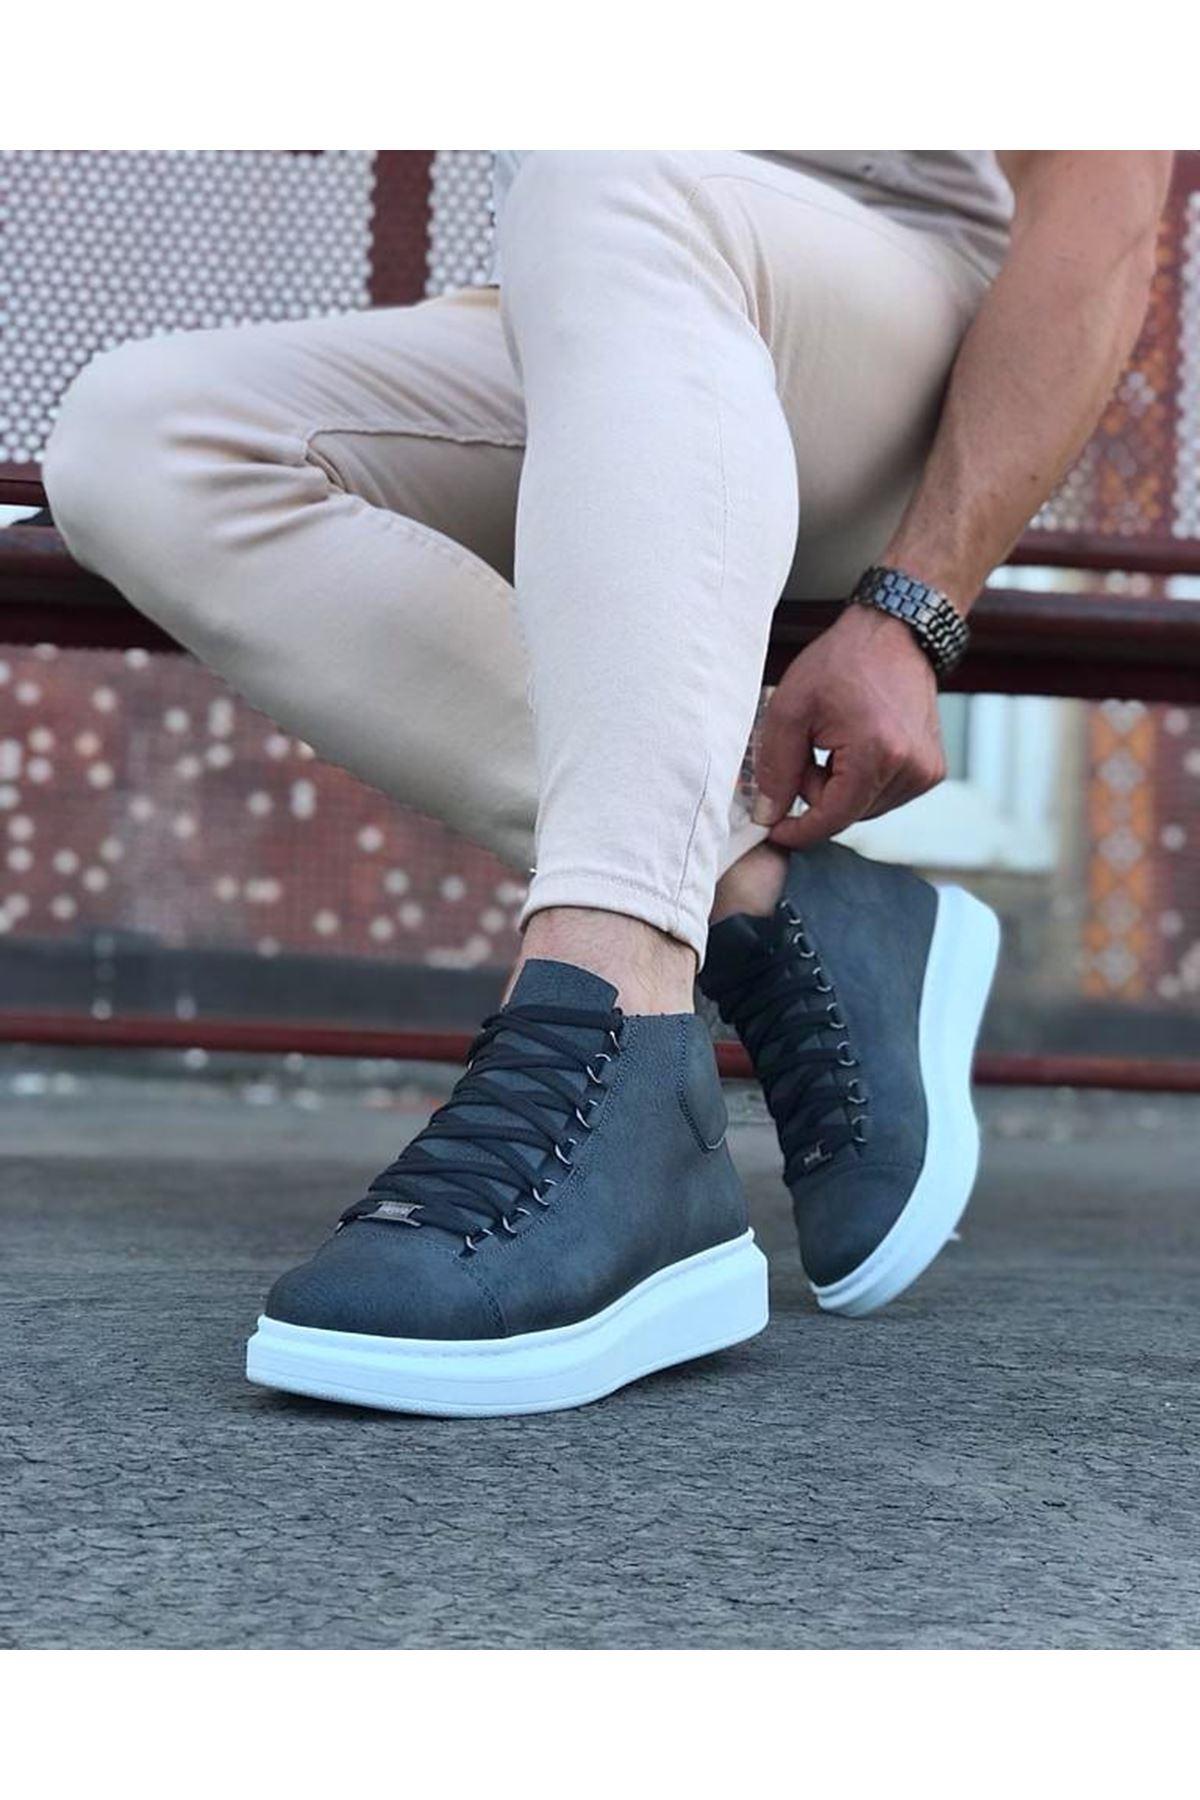 Wagoon WG032 Gri Bağcıklı Sneakers  Yarım Bilek Bot